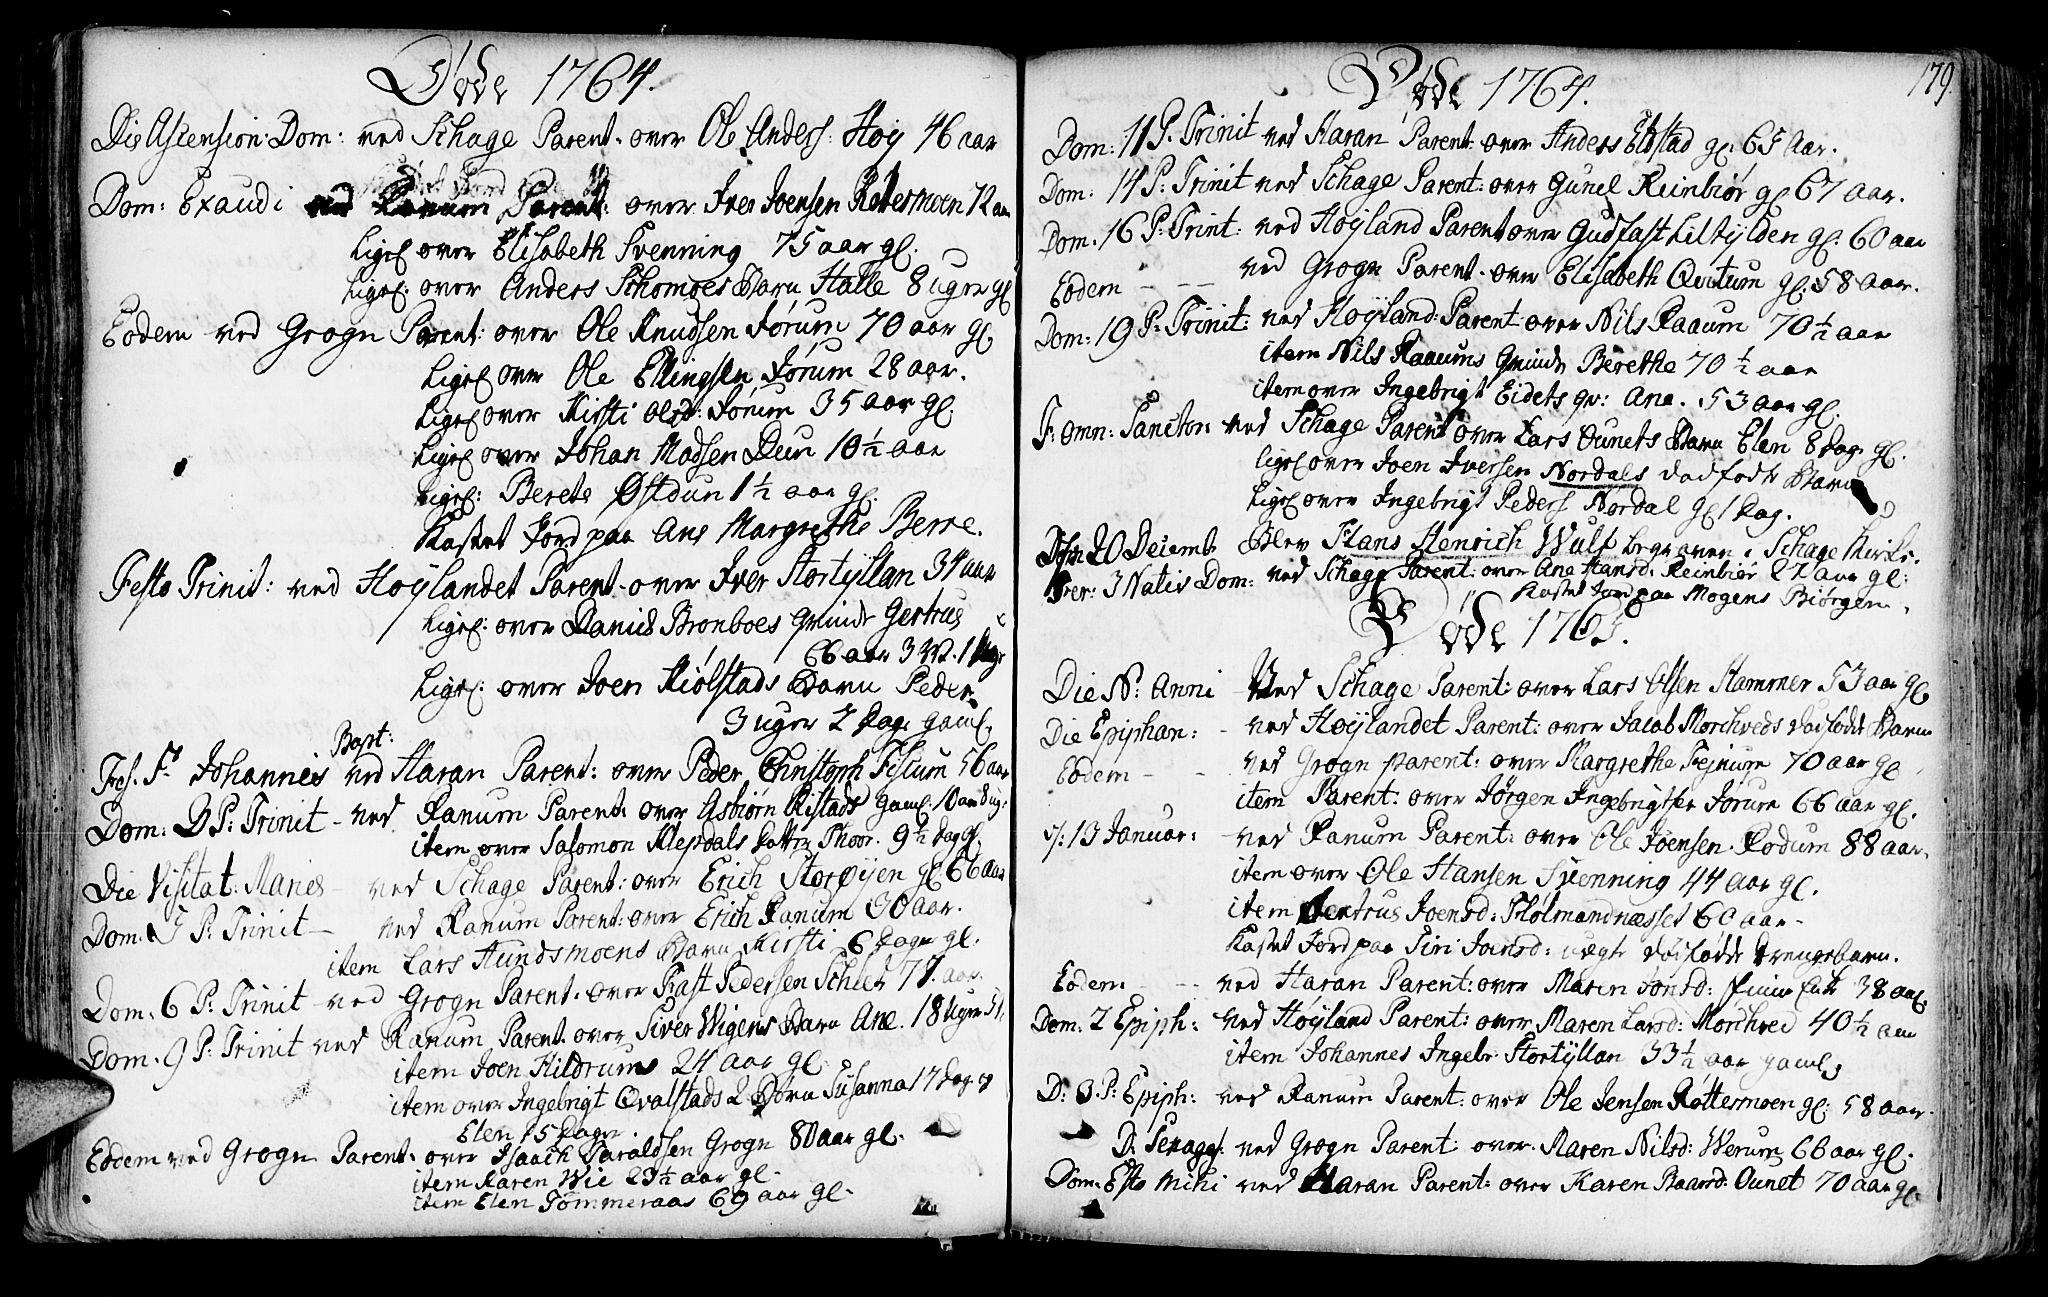 SAT, Ministerialprotokoller, klokkerbøker og fødselsregistre - Nord-Trøndelag, 764/L0542: Ministerialbok nr. 764A02, 1748-1779, s. 179